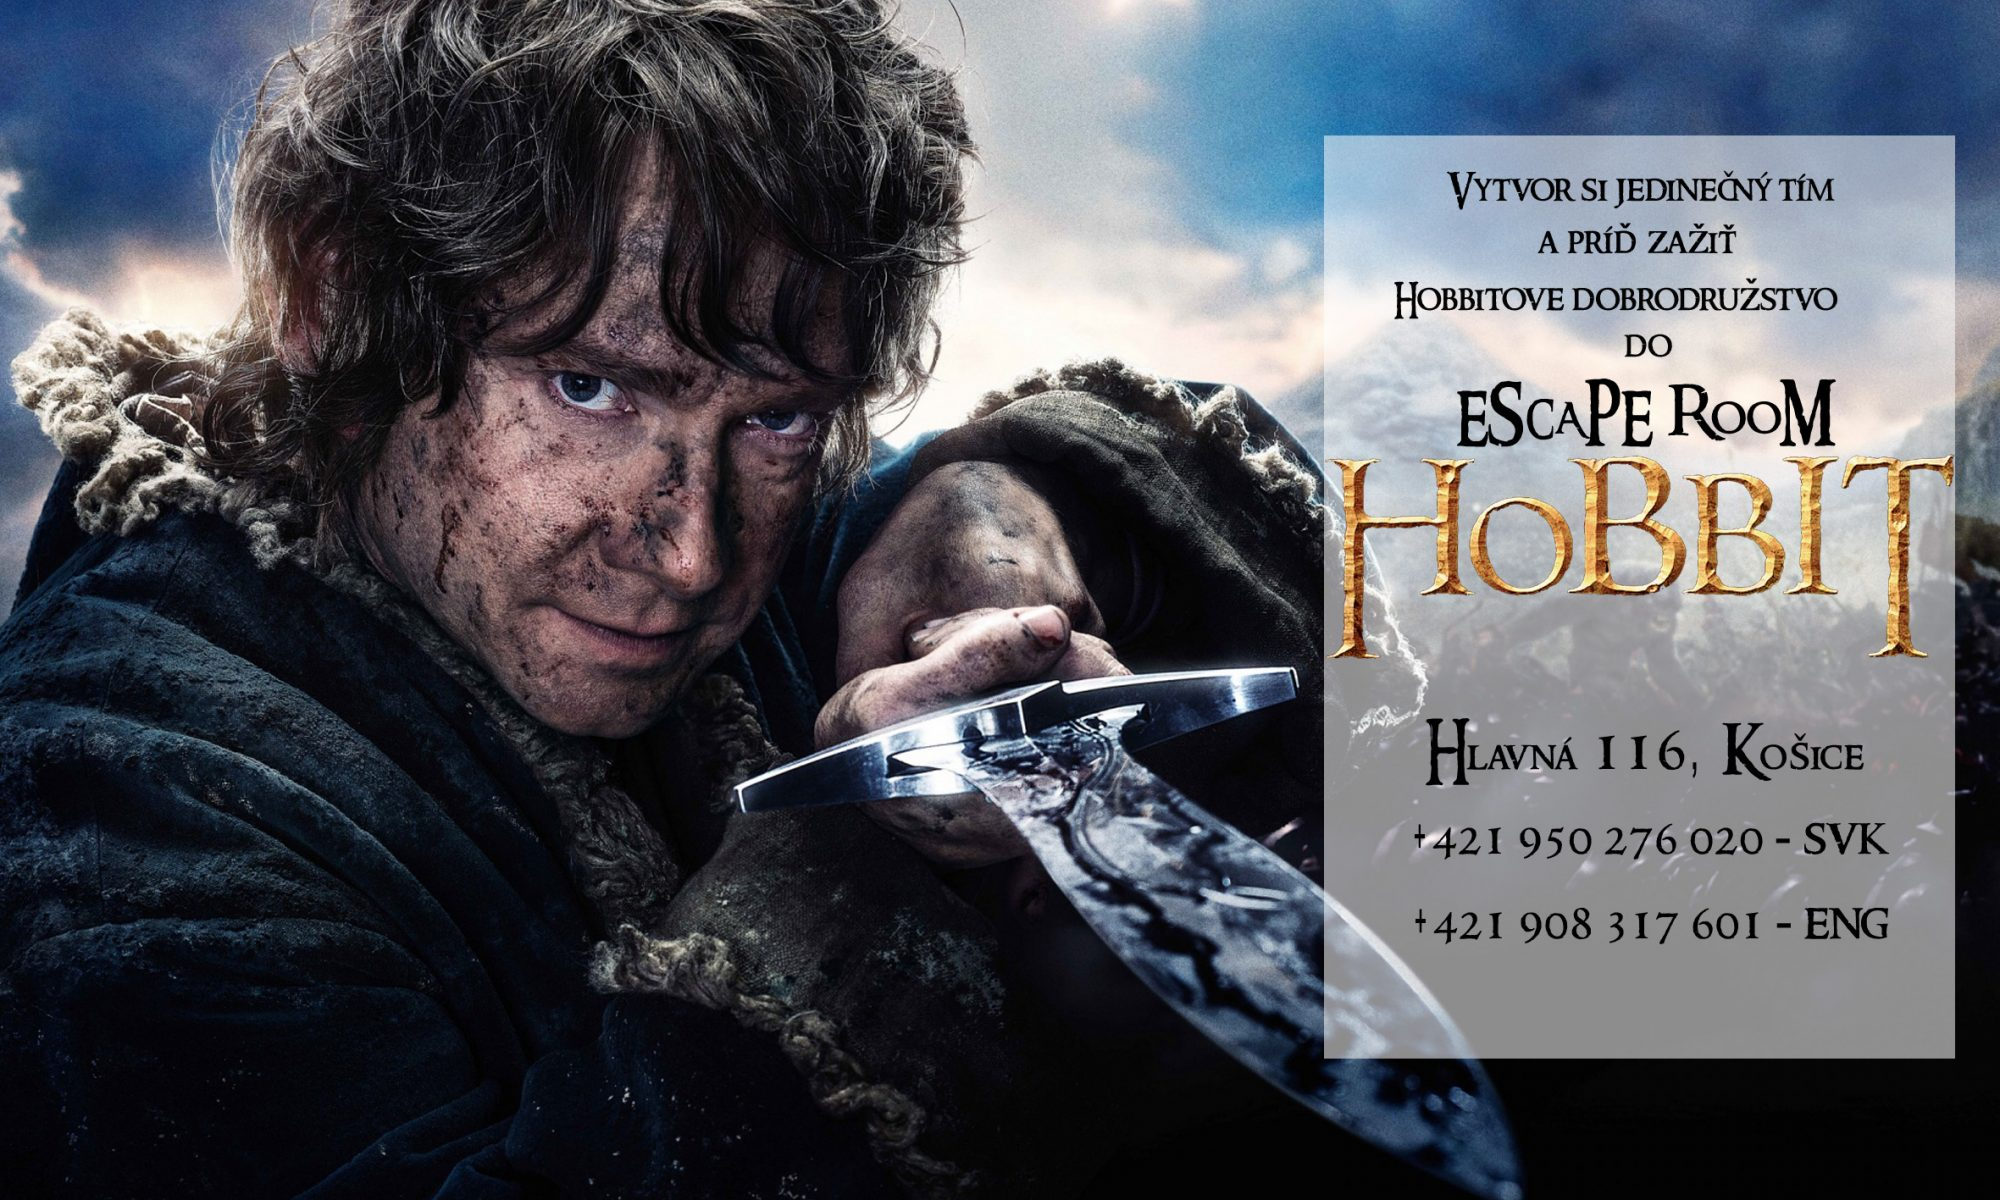 Escape Room Hobbit Košice